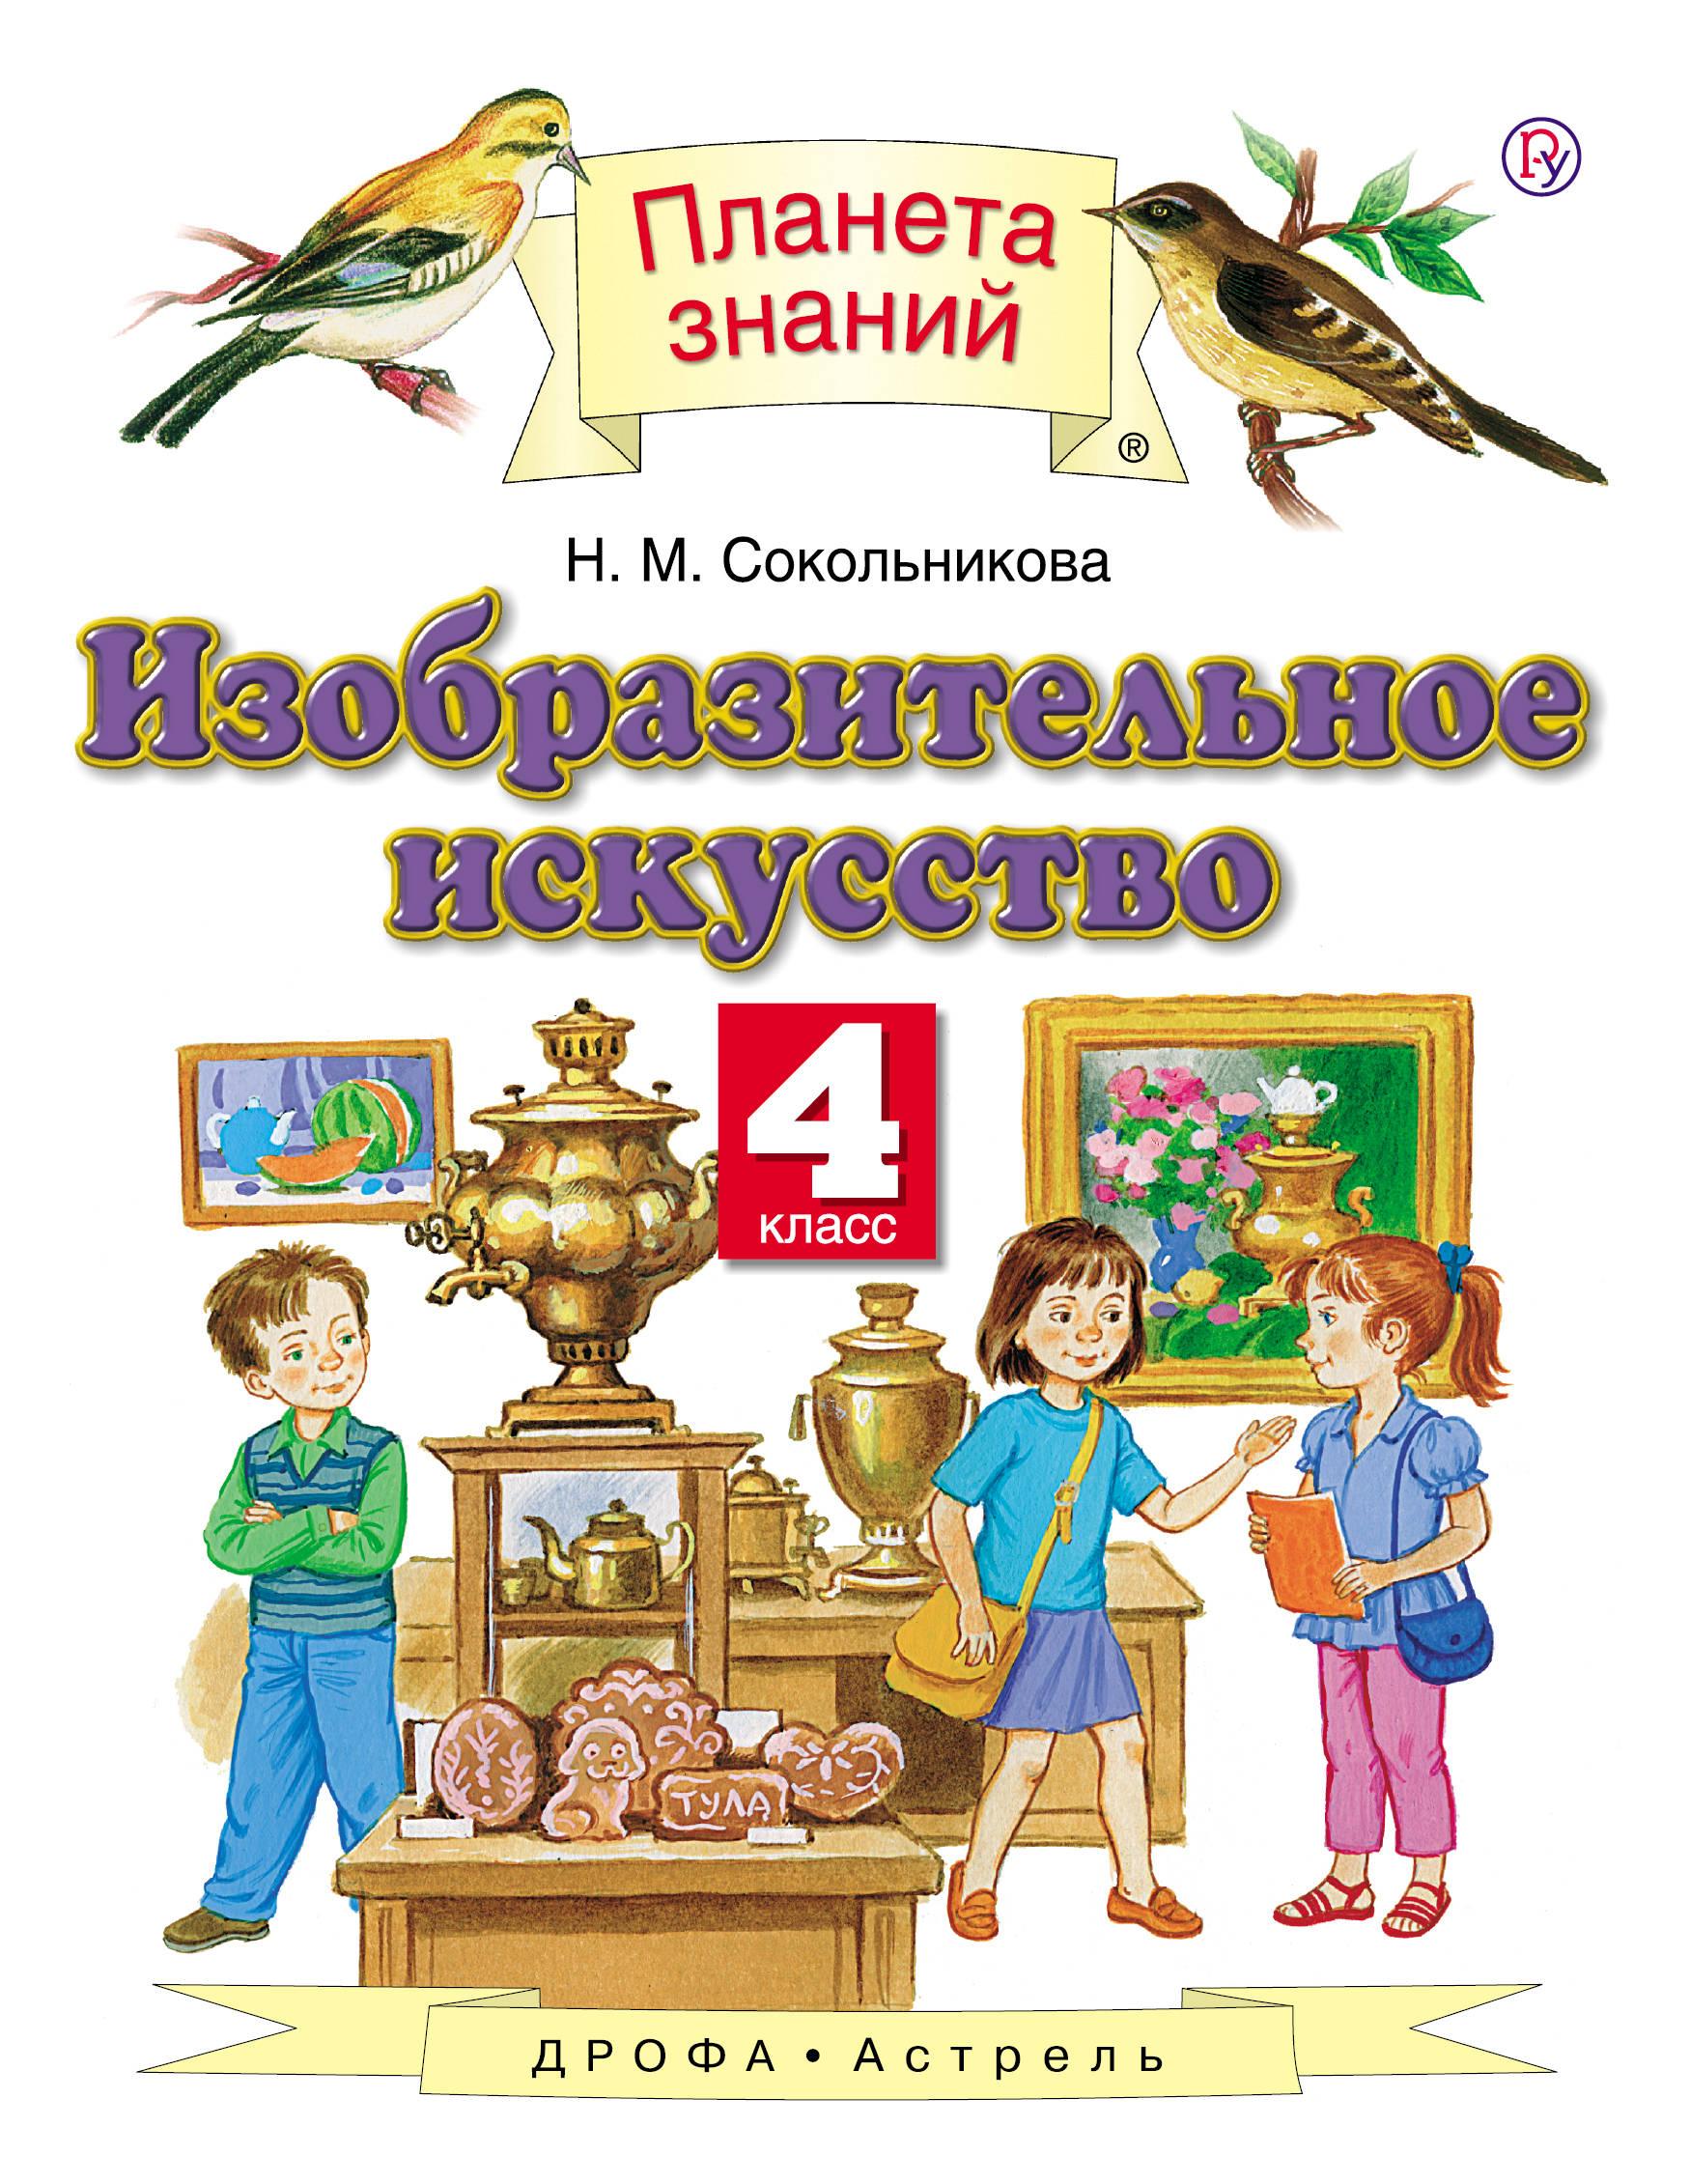 Н. М. Сокольникова Изобразительное искусство. 4 класс. Учебник е ефремова е куранова в шабалина жостово раскраска